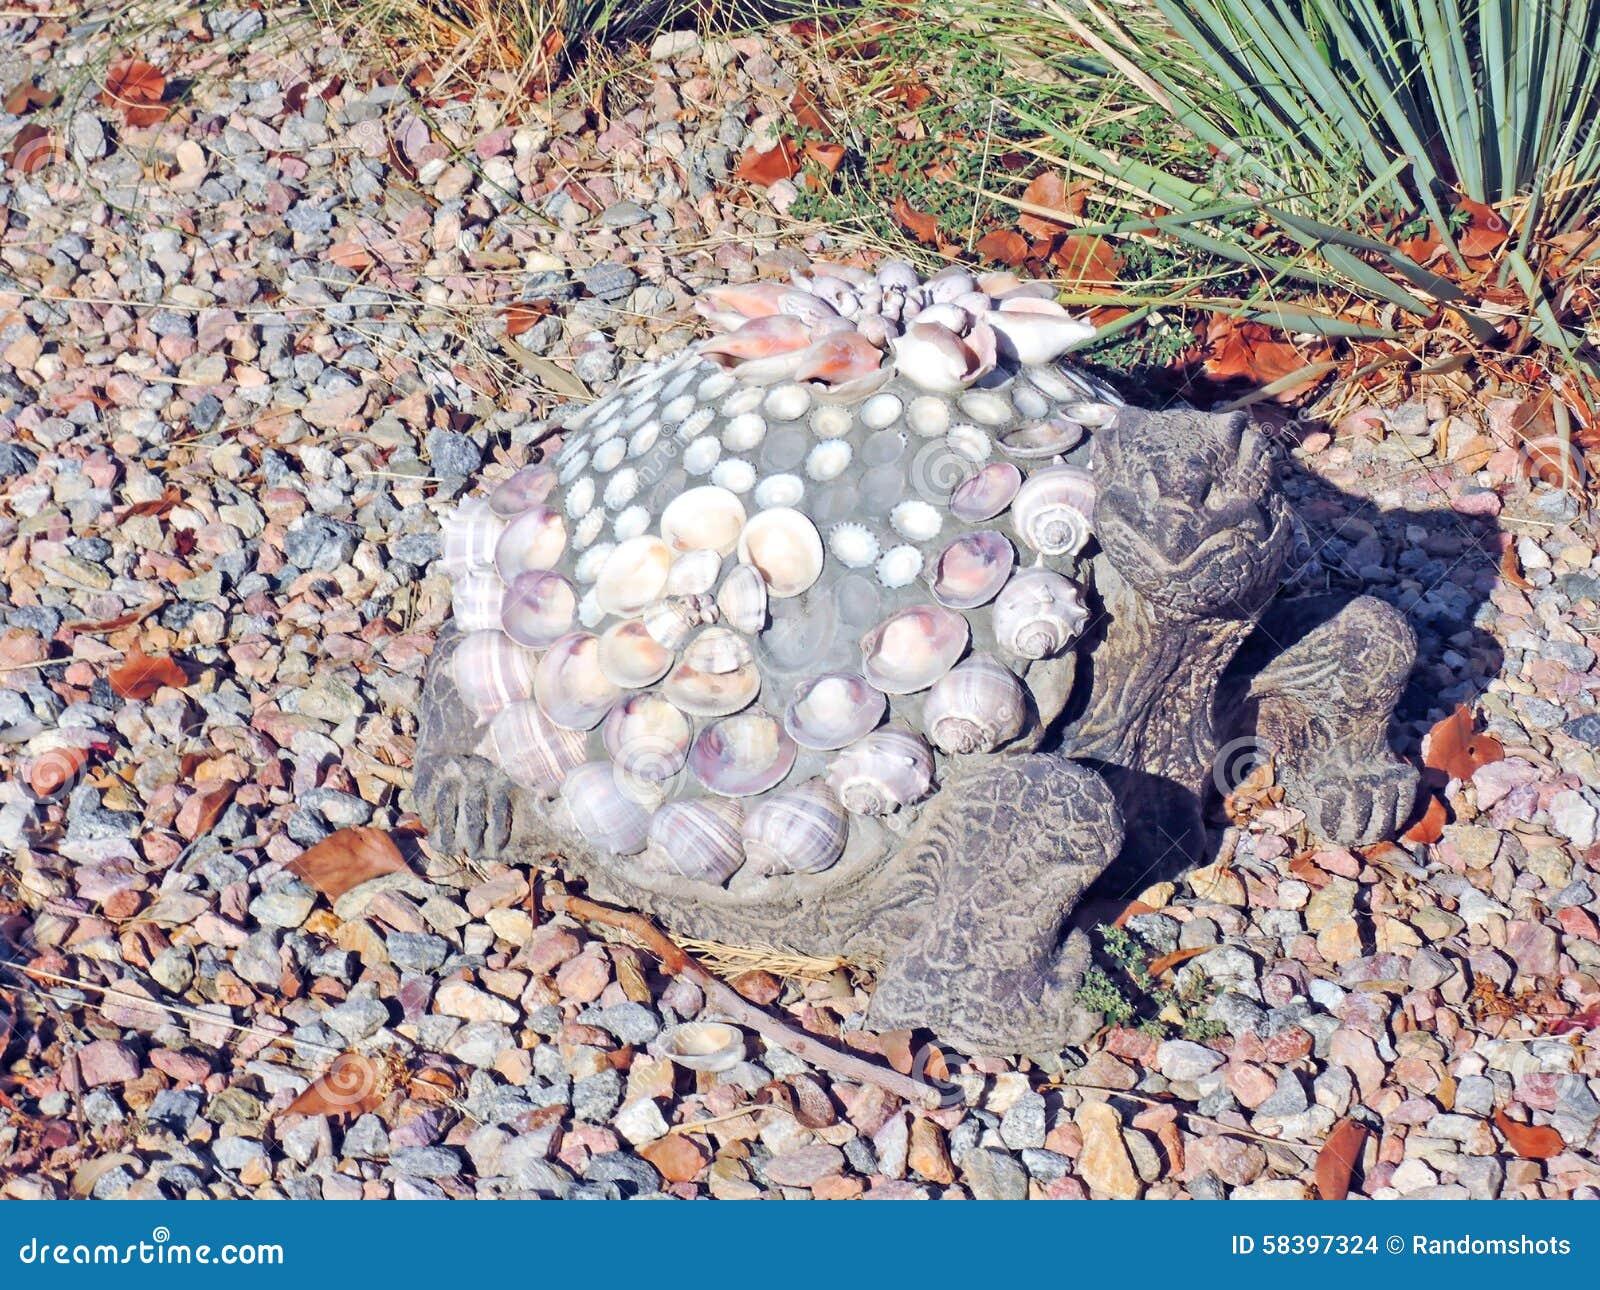 Desert Tortoise----Mixed Media Art